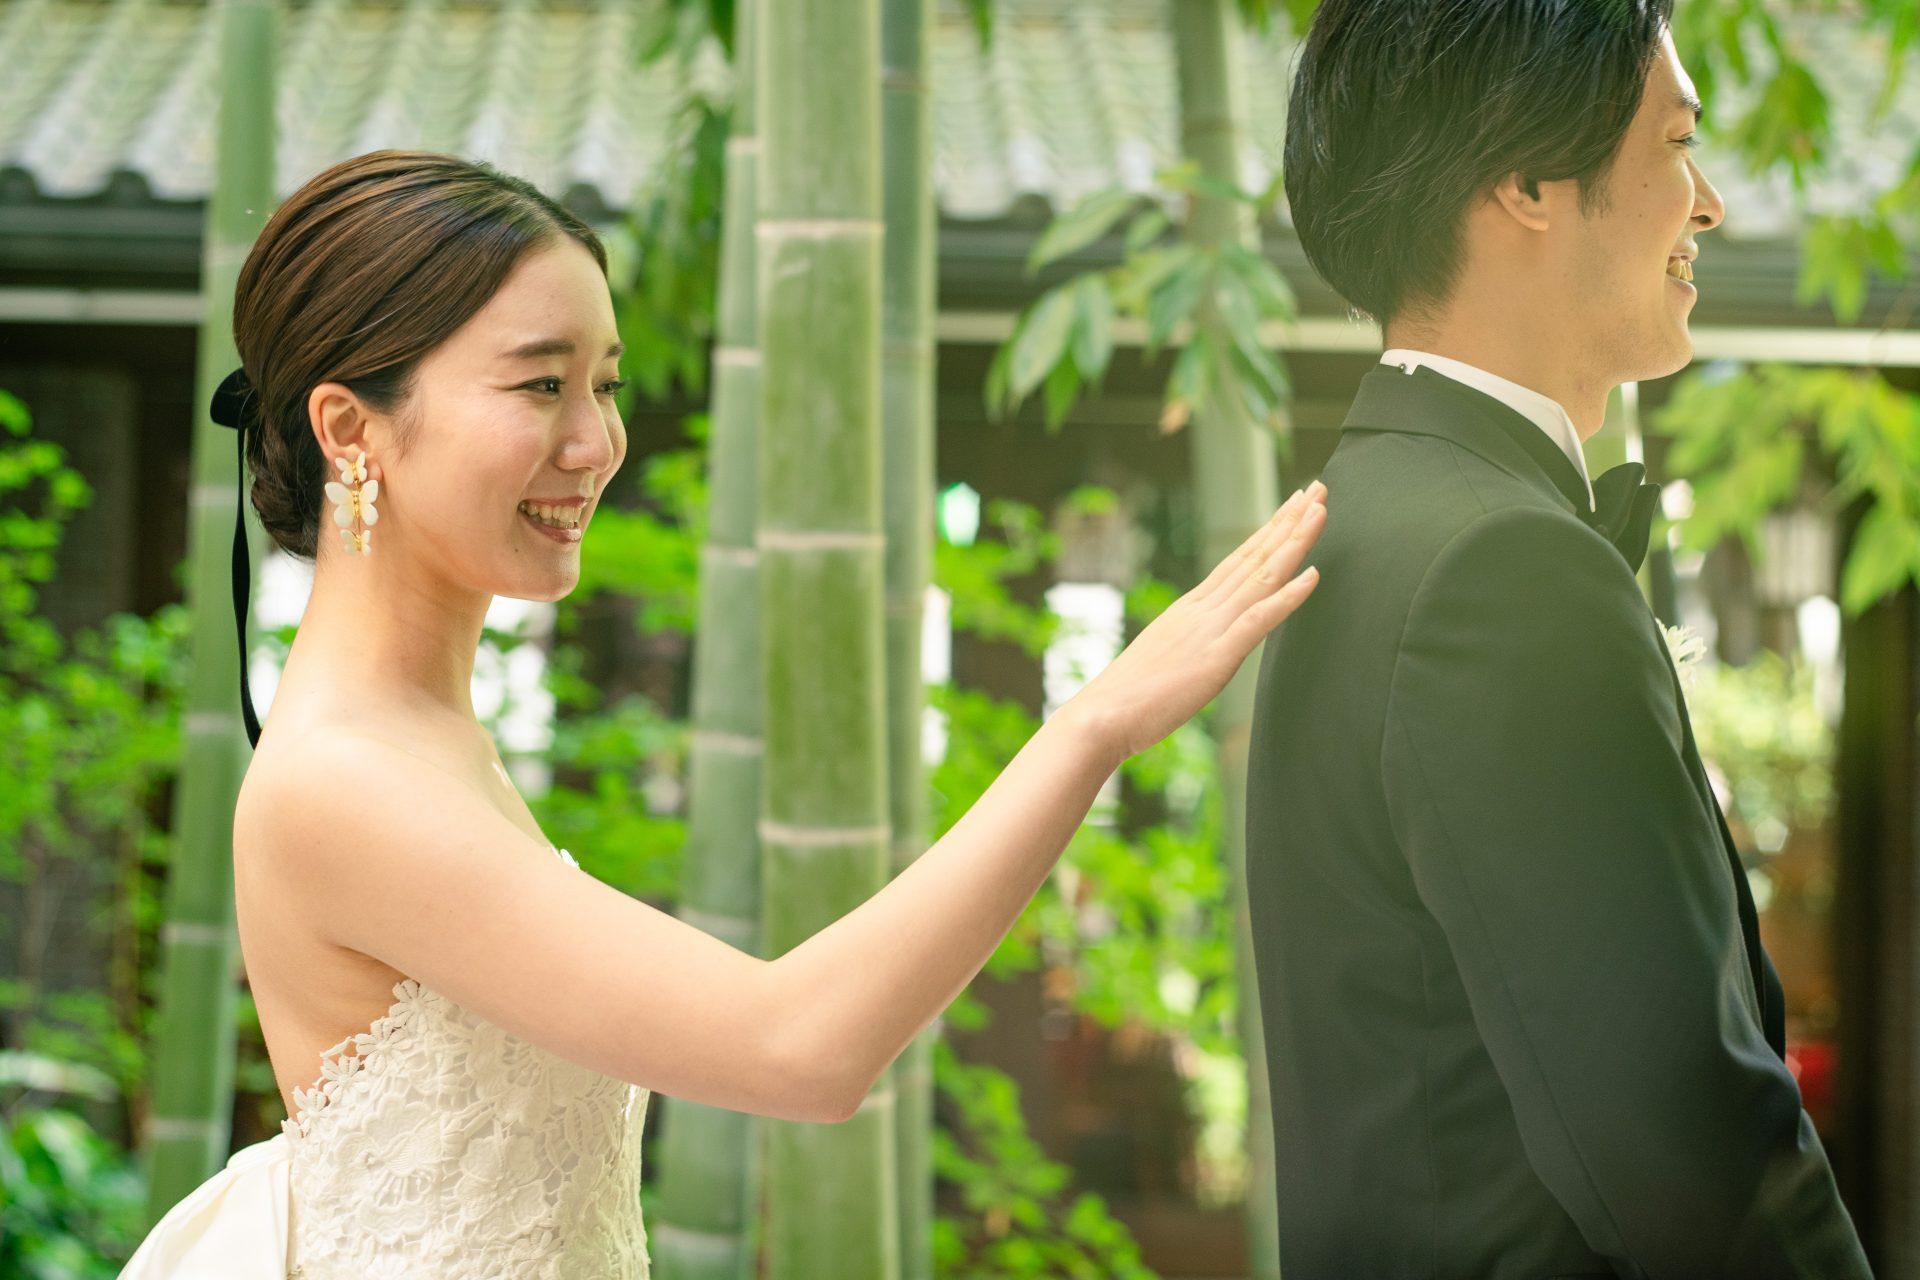 フォーチュンガーデン京都の竹林の中庭にてファーストミートをされる新郎新婦様